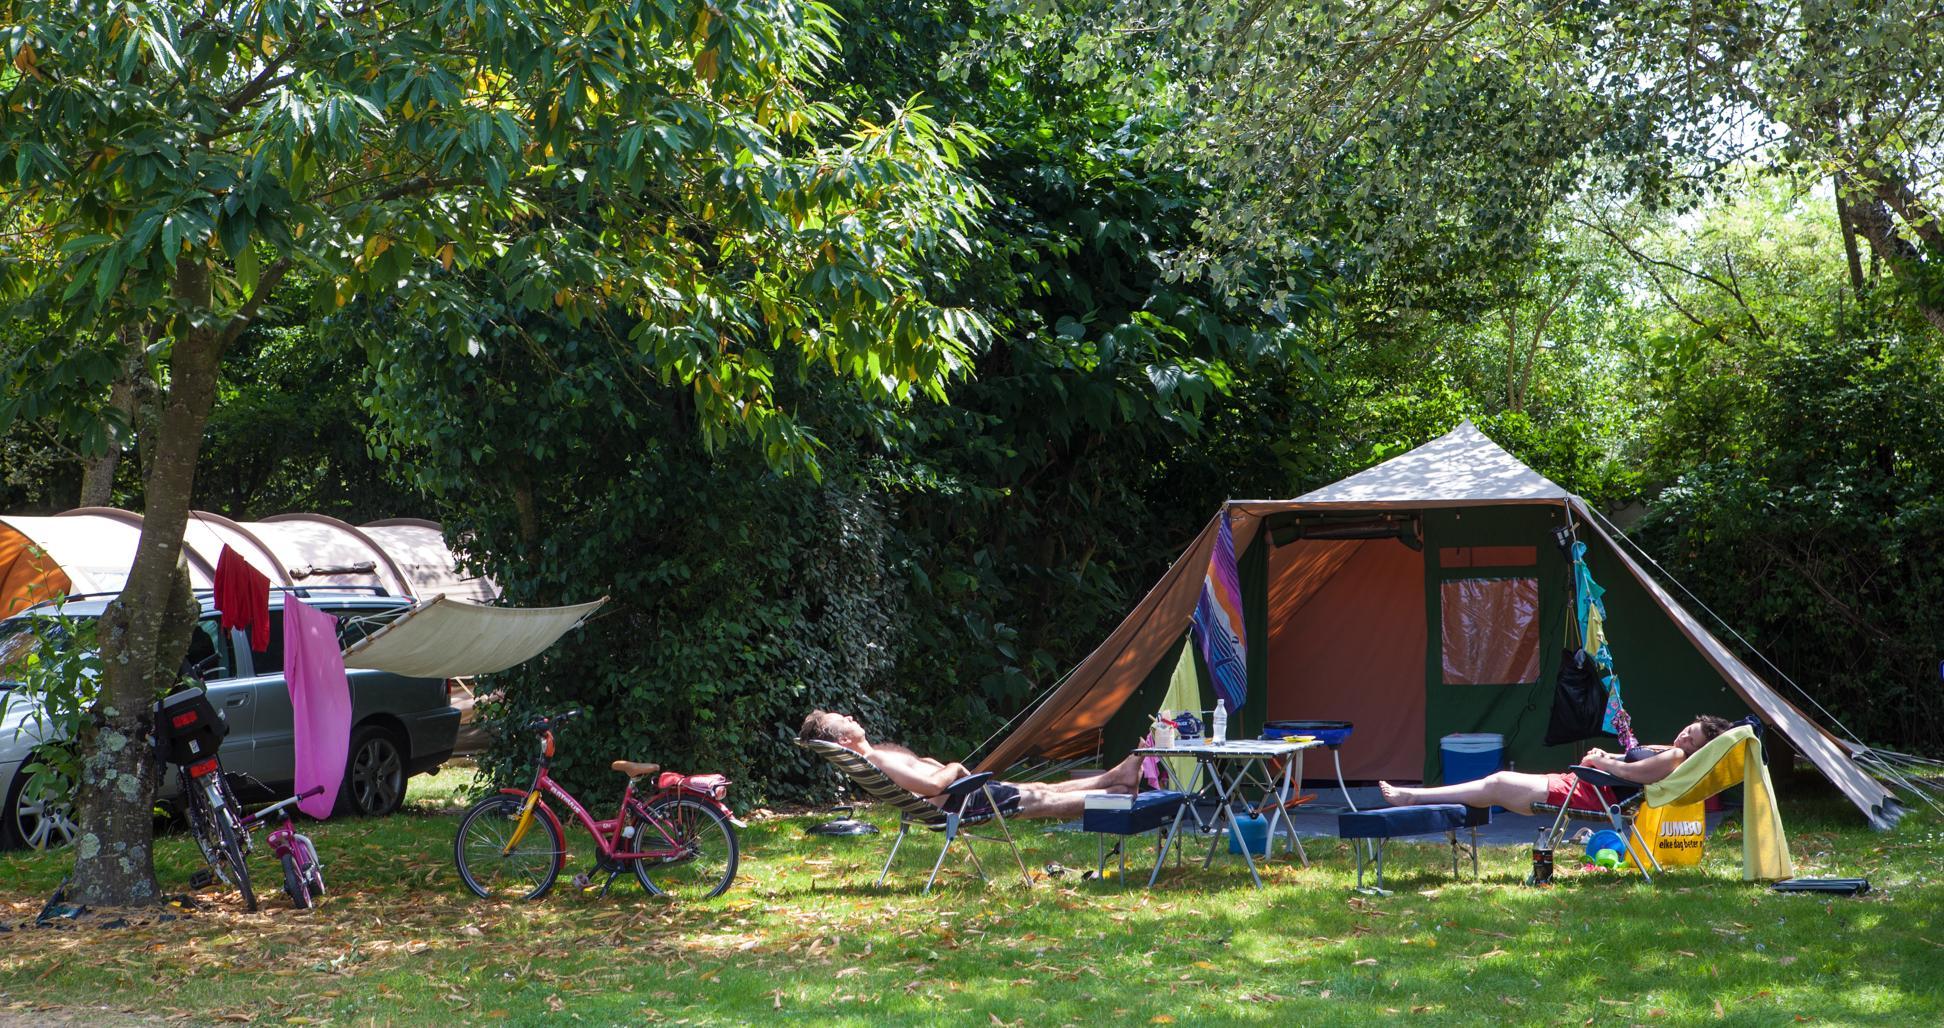 Emplacement - Standard 100-150M² Tente - Village de la Guyonnière